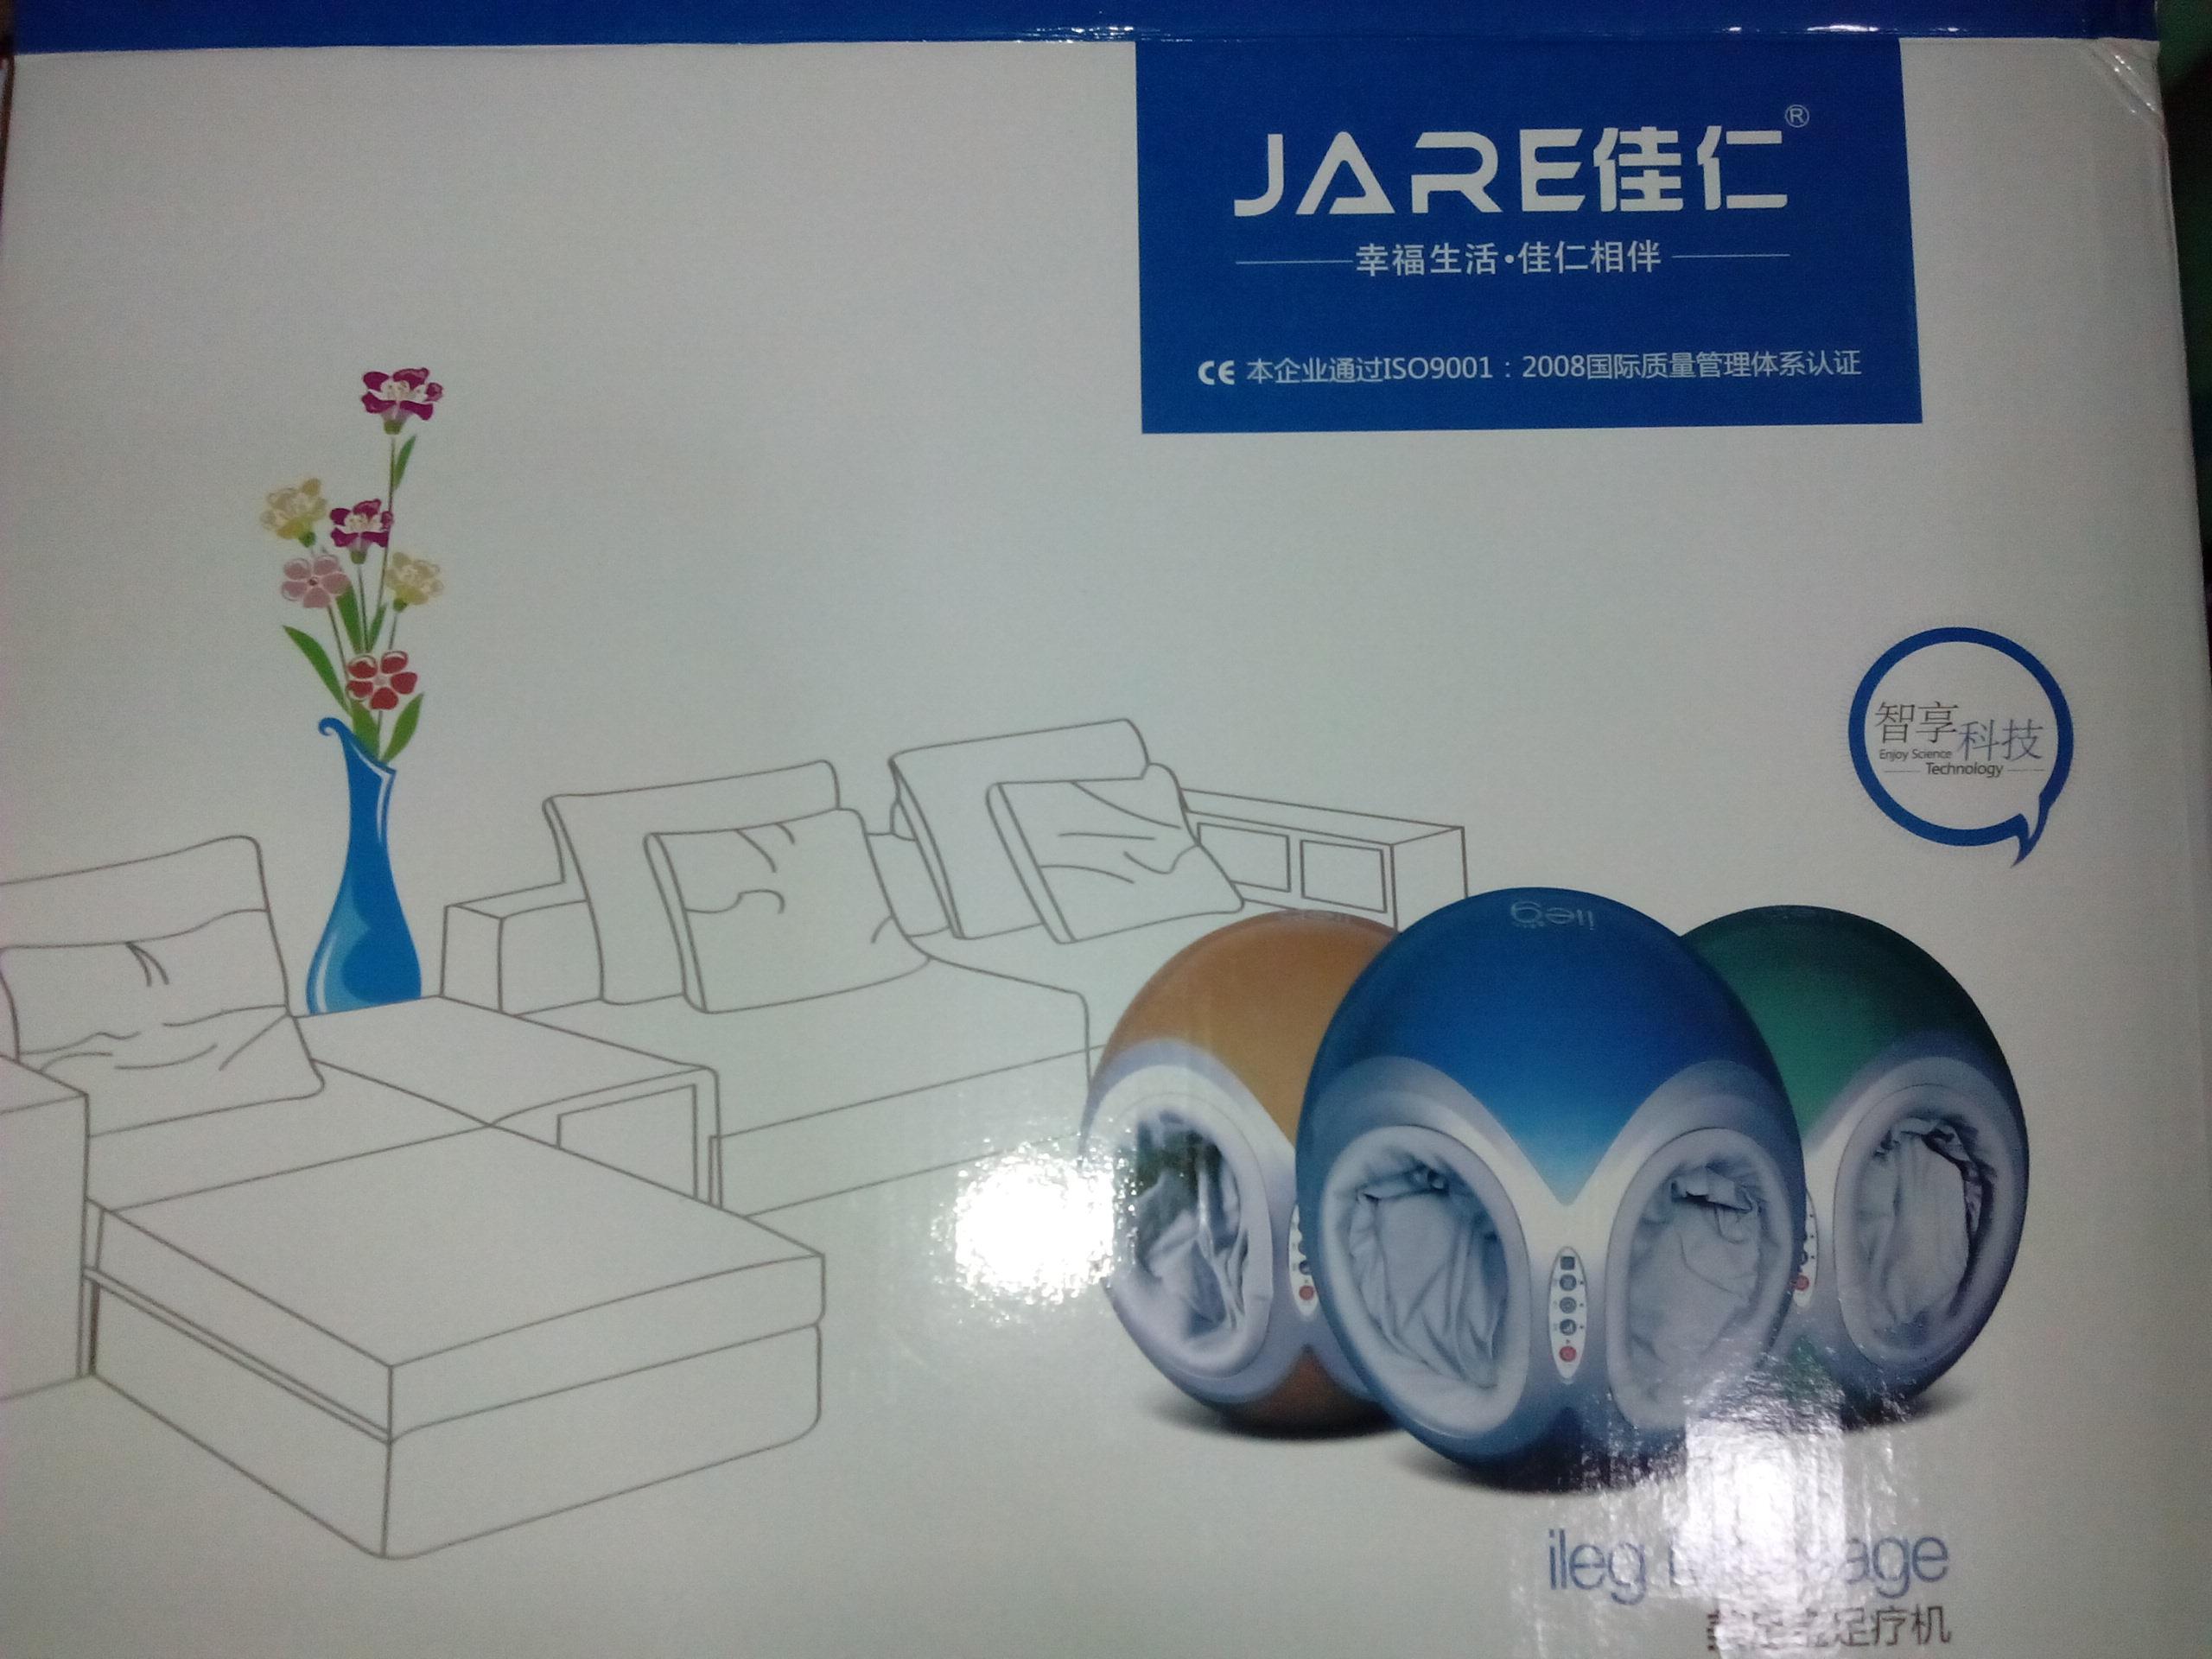 佳仁(JARE)德國品牌JR-888足療機腳底按摩器腿足底美足寶美腿機 豪華折疊款(大滾輪+腿部氣囊) 實拍圖